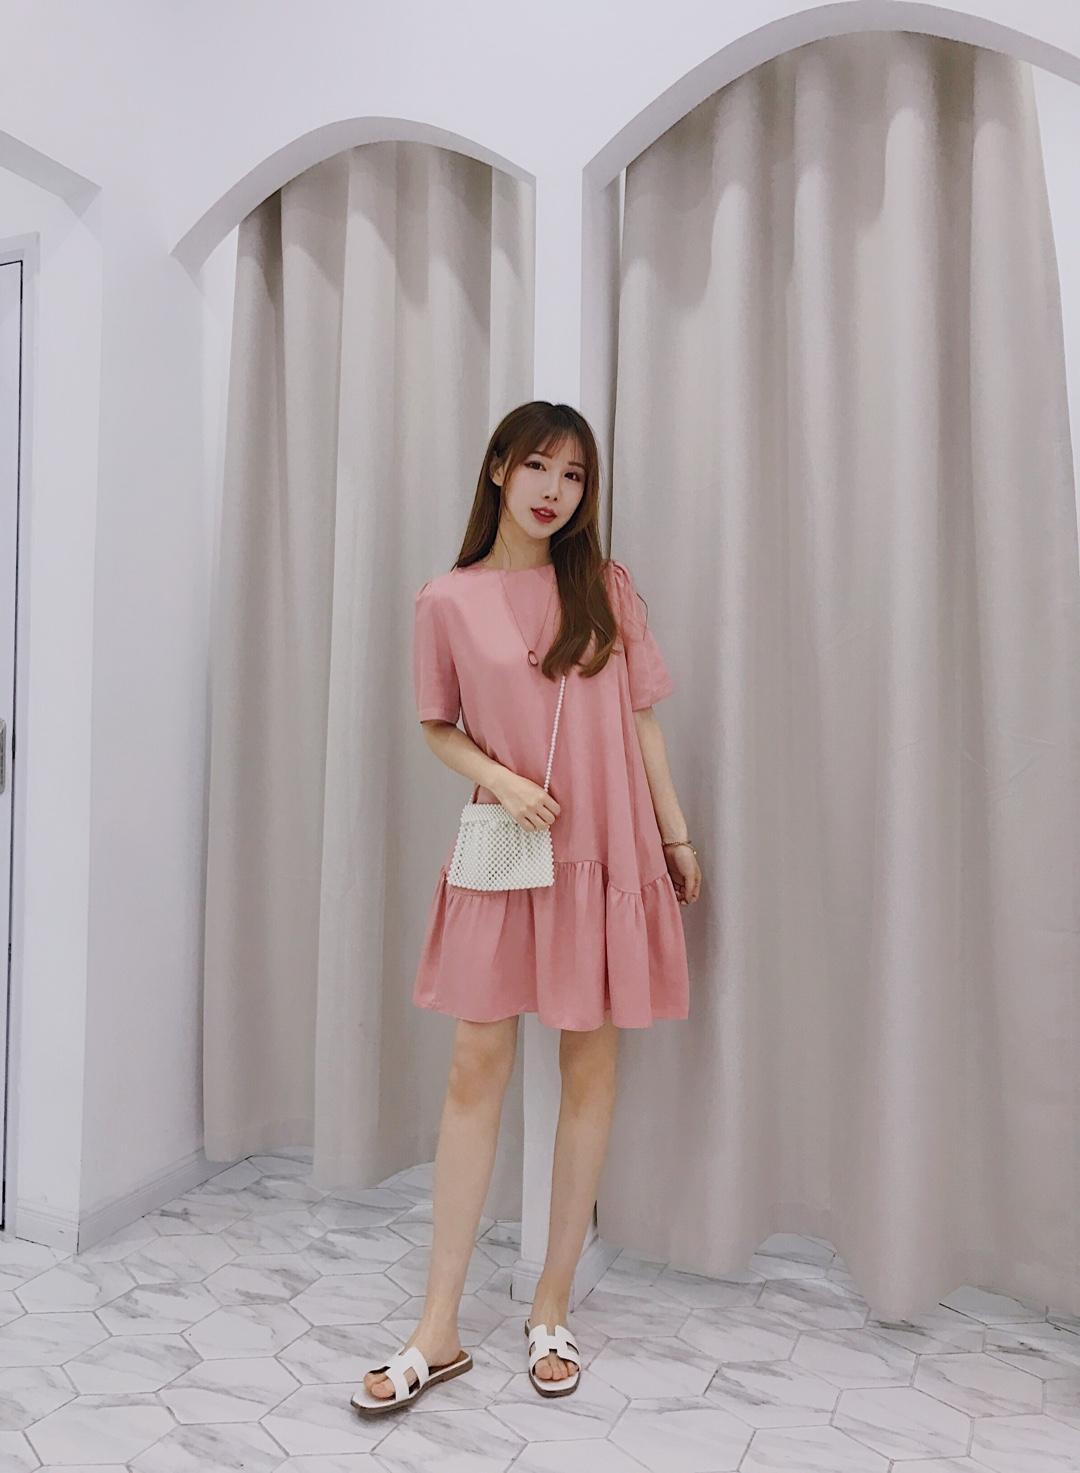 粉粉嫩嫩的樱花色,加上娃娃裙设计,这套不减龄还有啥衣服减龄?(^з^)-☆娃娃裙又是最遮肉的款式,完全不用担心身材问题! #平成年最后的樱花色,我要穿上身#